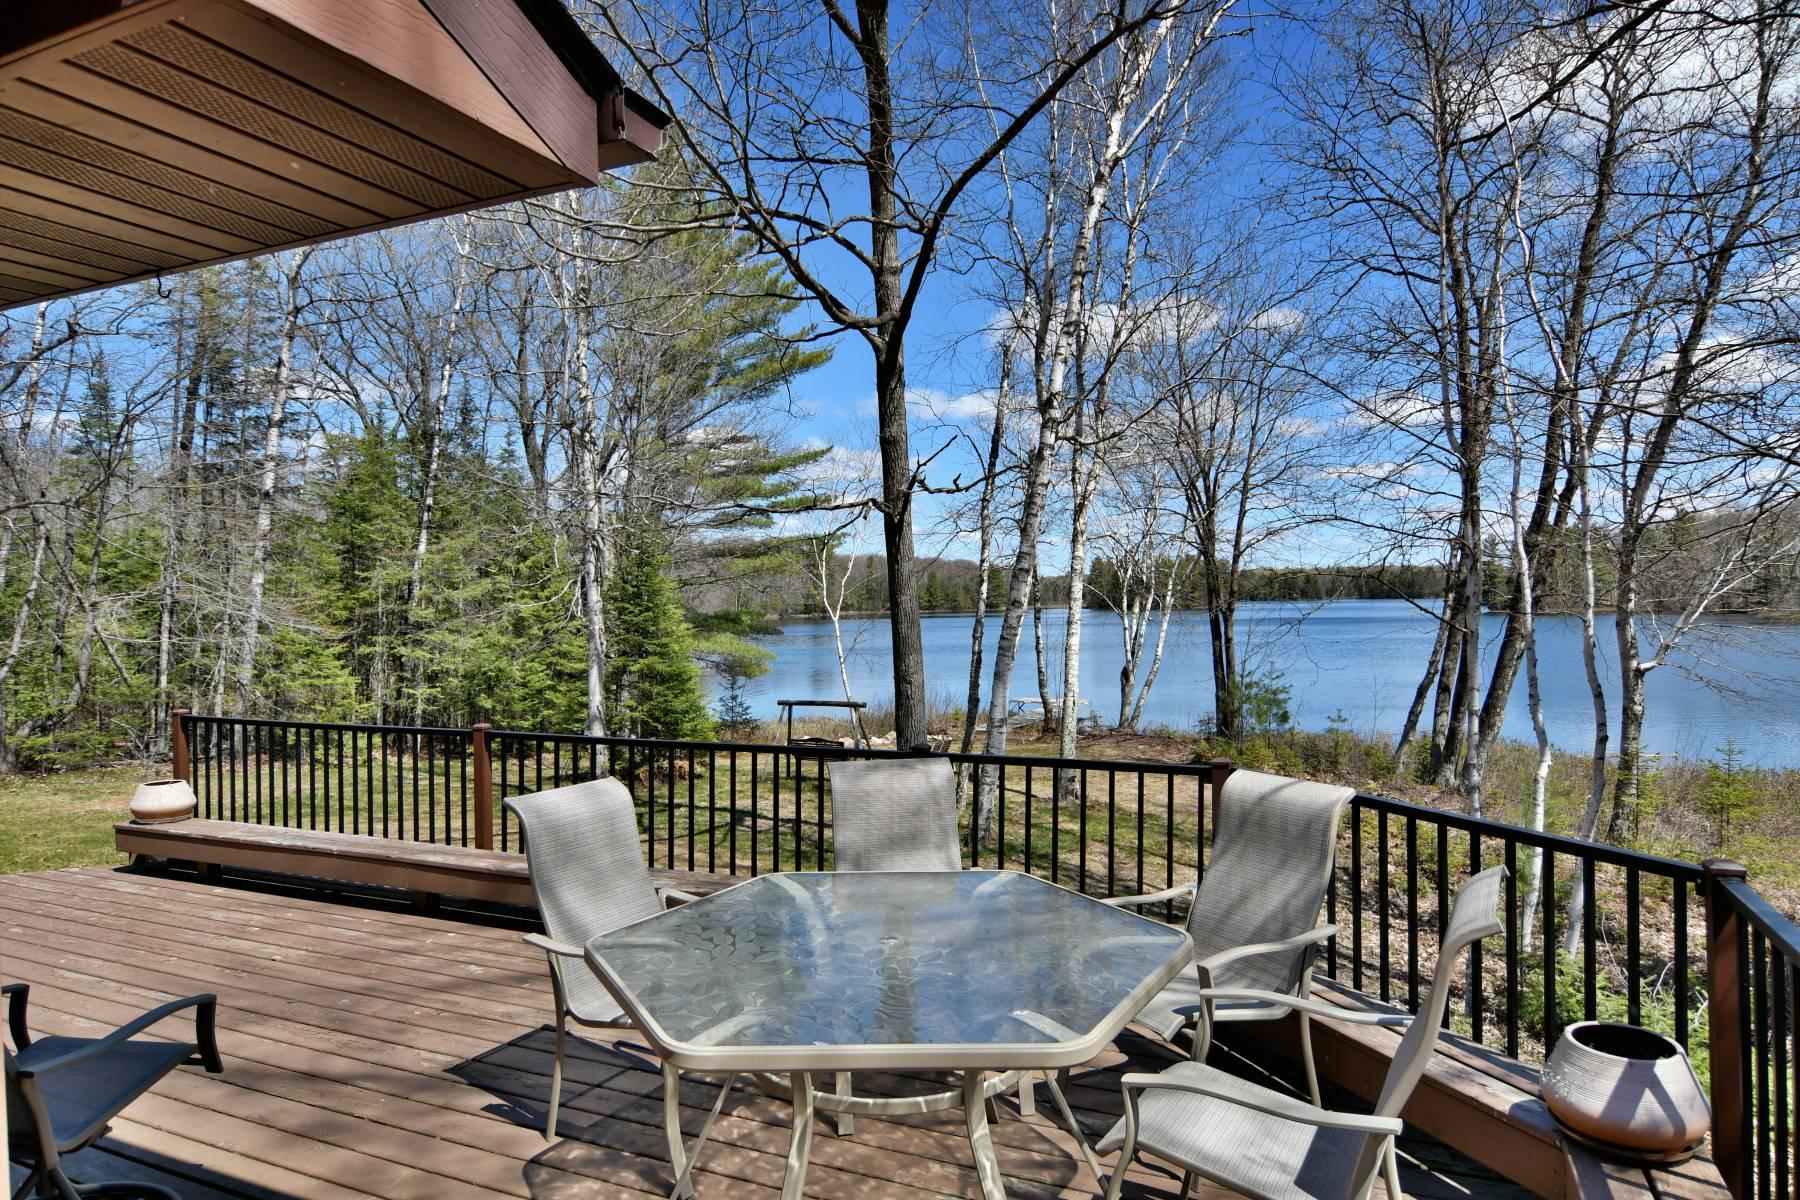 Mclaren Lake Vacation Rental